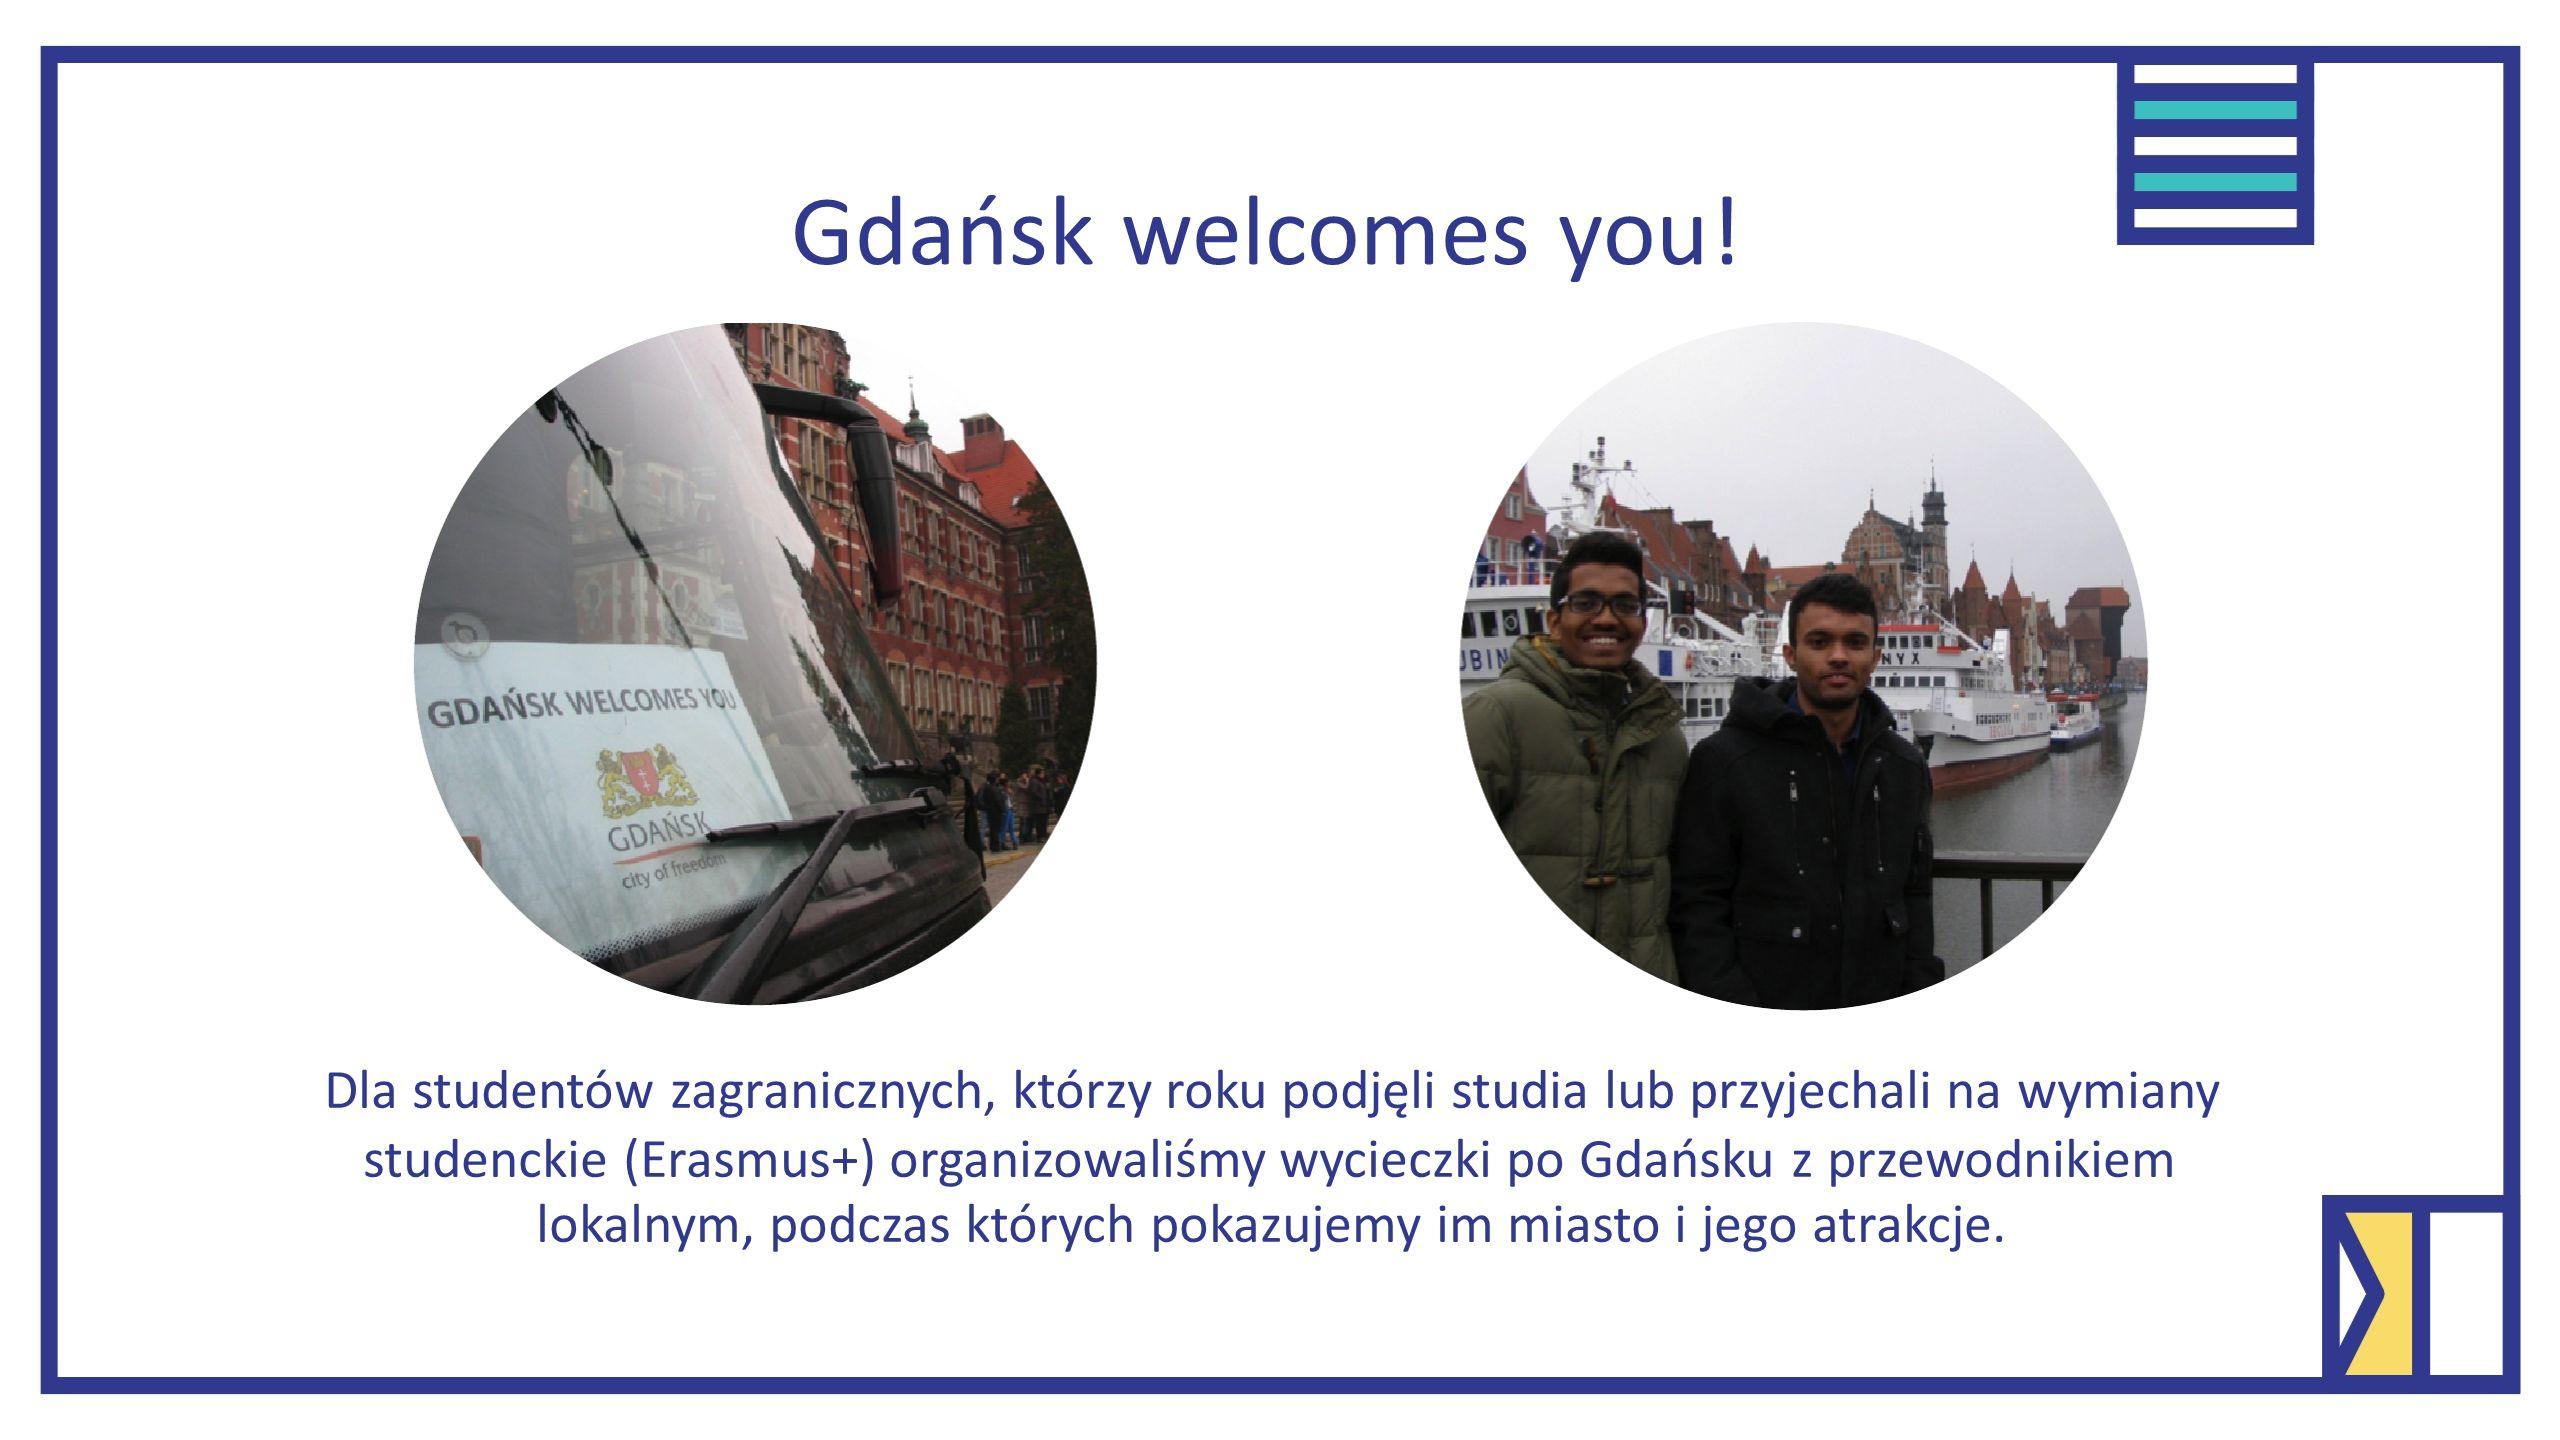 Dla studentów zagranicznych, którzy roku podjęli studia lub przyjechali na wymiany studenckie (Erasmus+) organizowaliśmy wycieczki po Gdańsku z przewodnikiem lokalnym, podczas których pokazujemy im miasto i jego atrakcje.